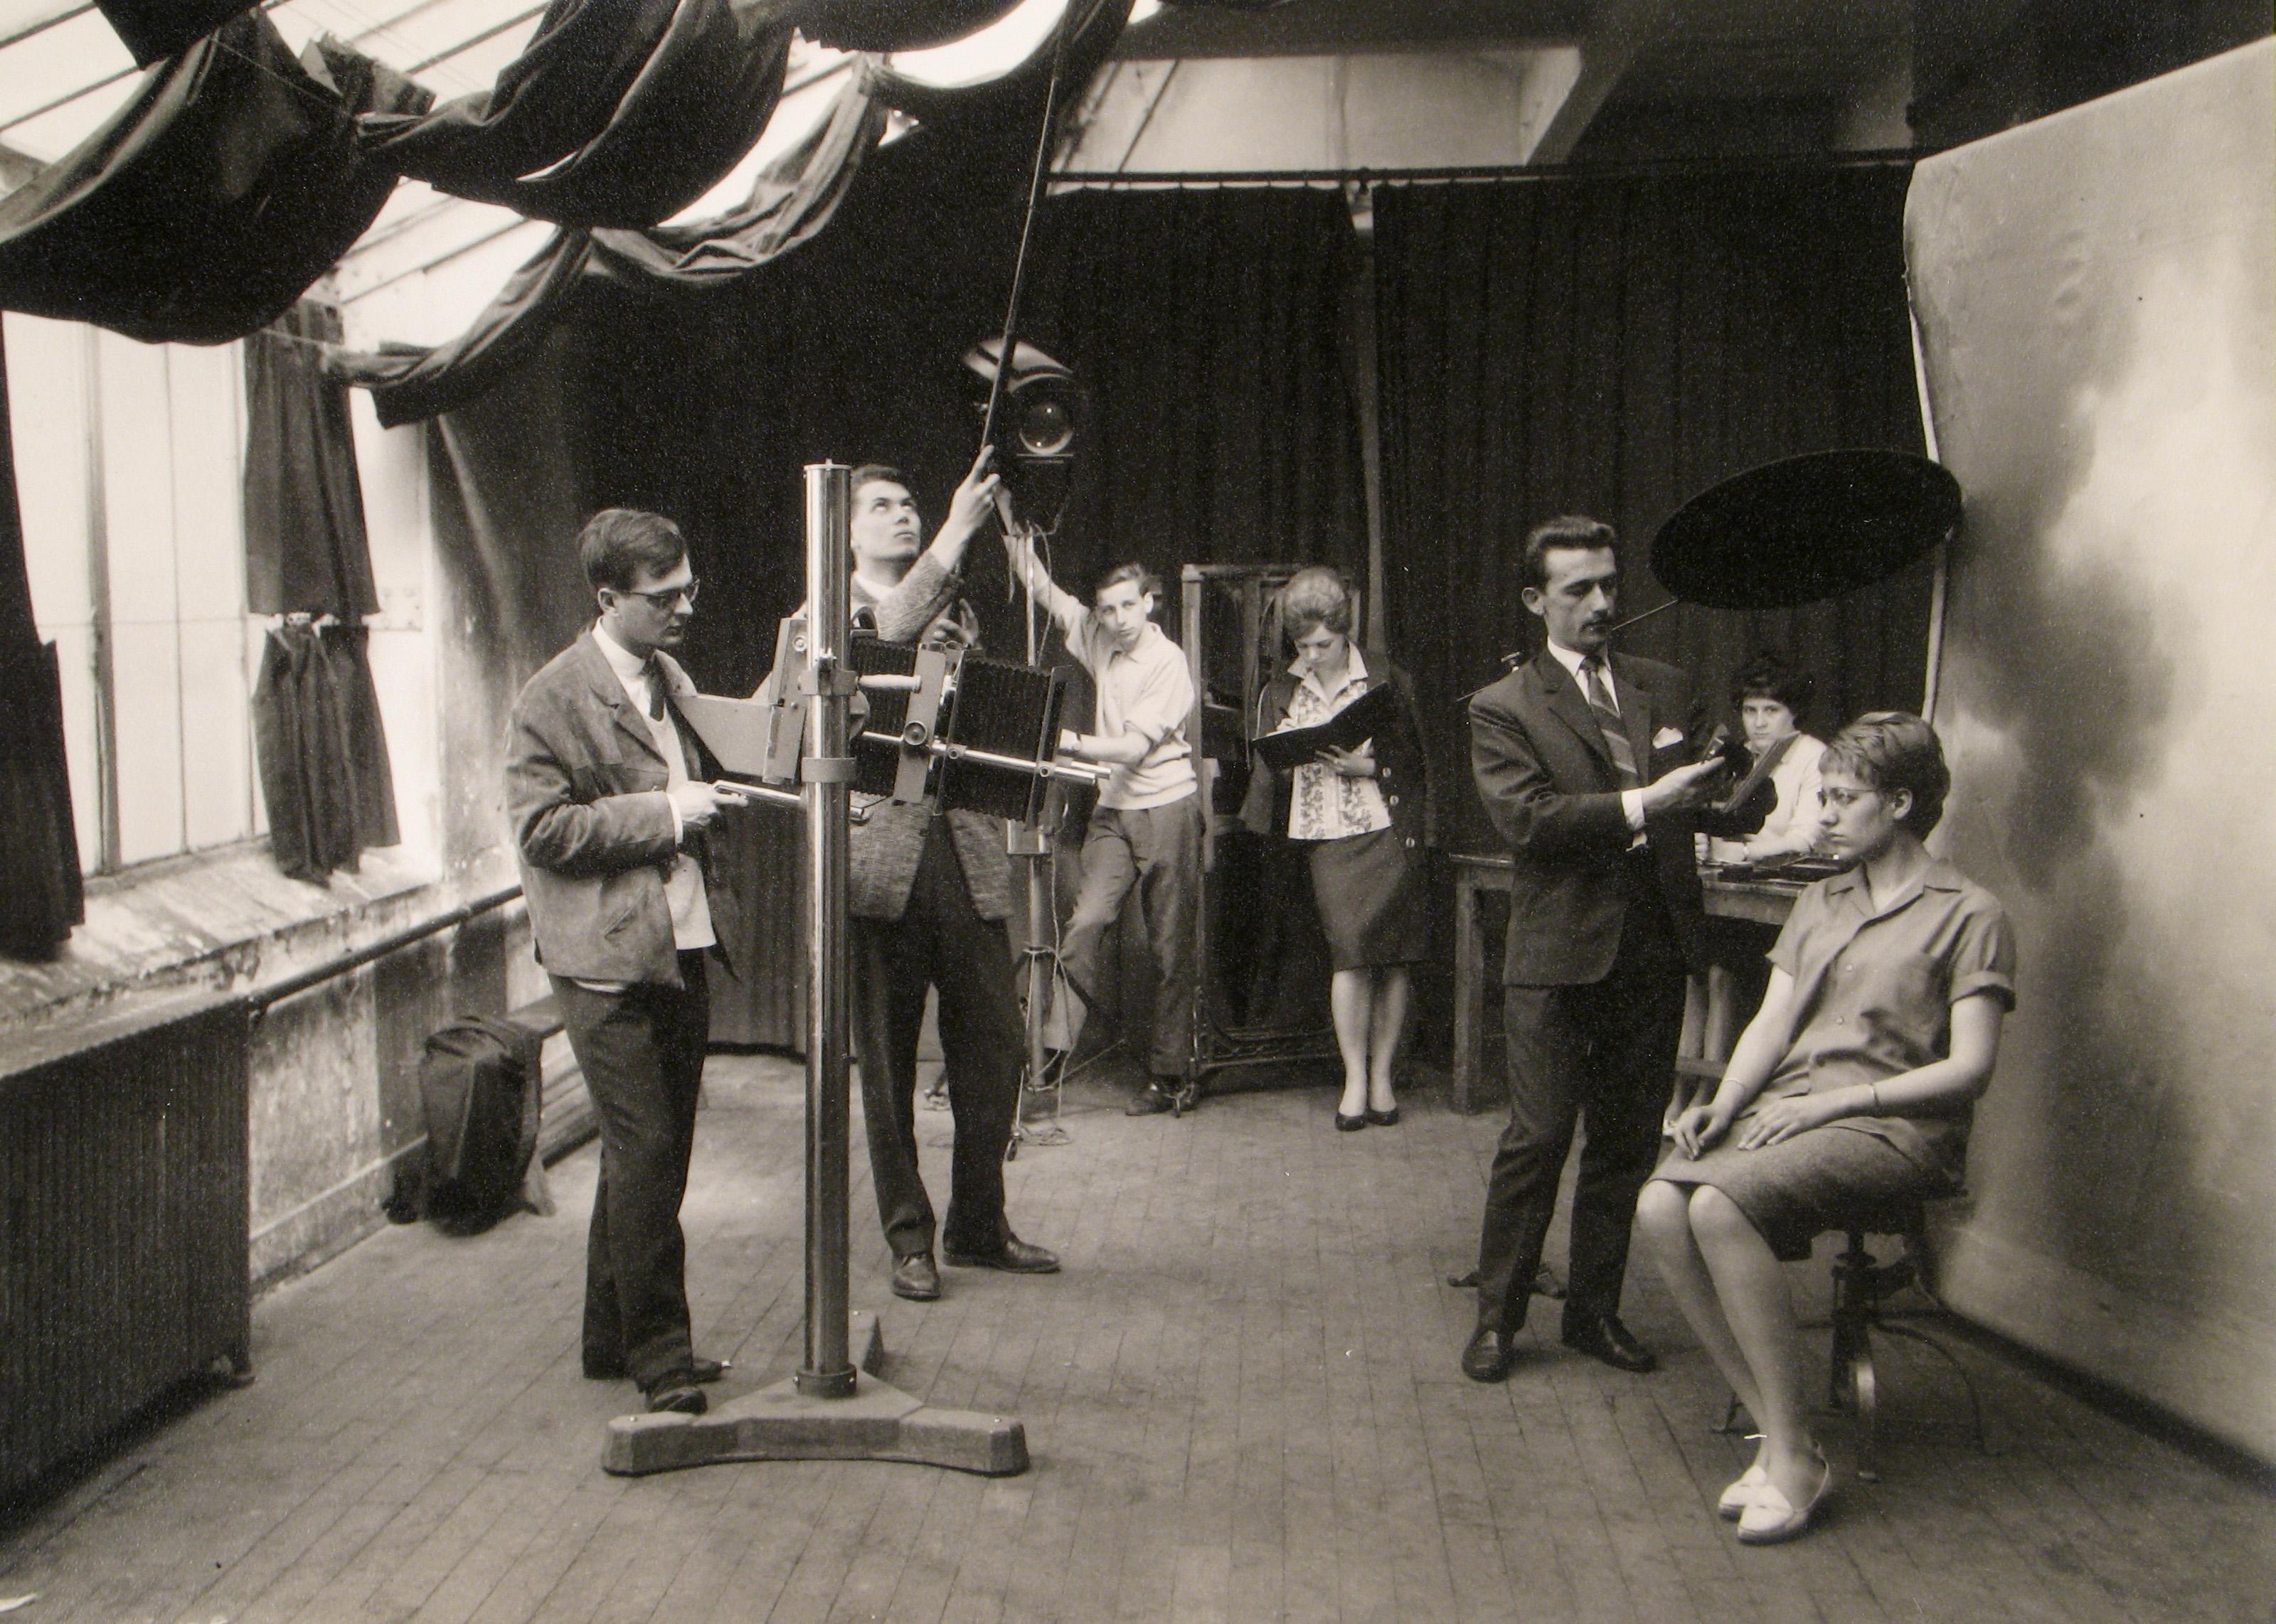 Cours de portrait en studio photographique, années 30